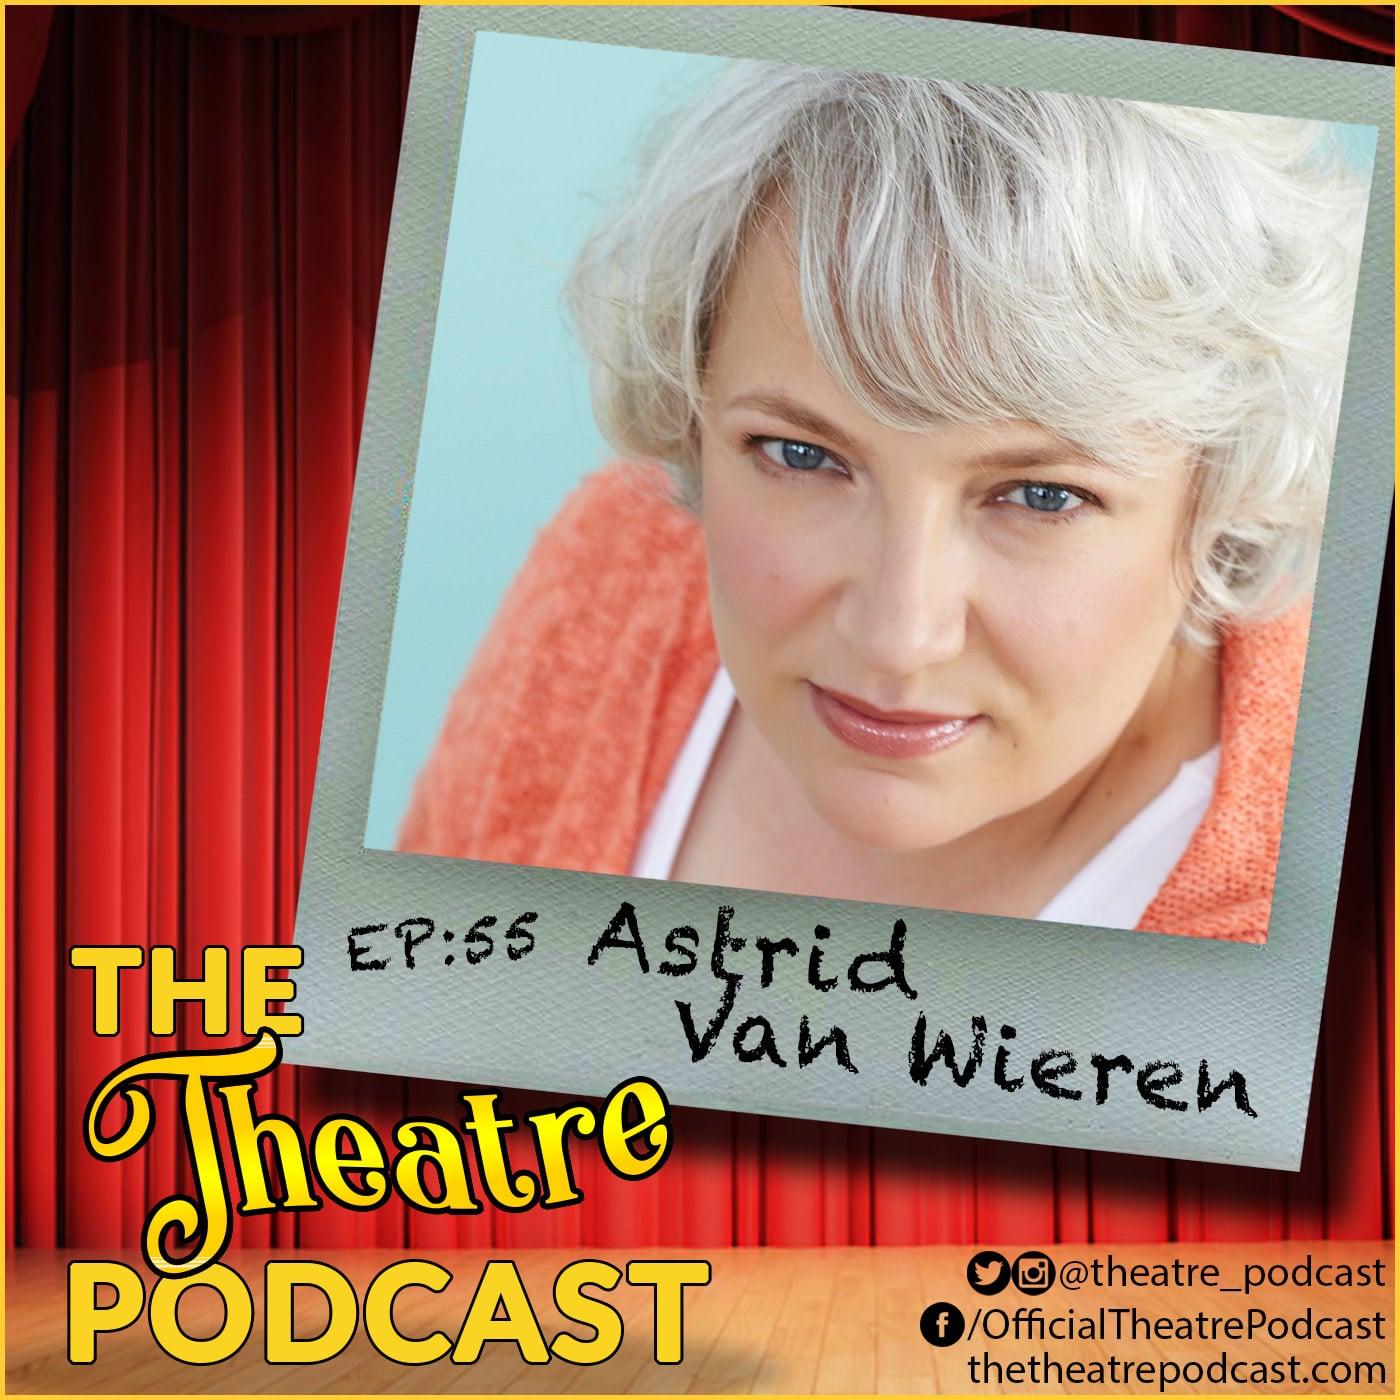 The Theatre Podcast Ep 55 Guest Astrid Van Wieren